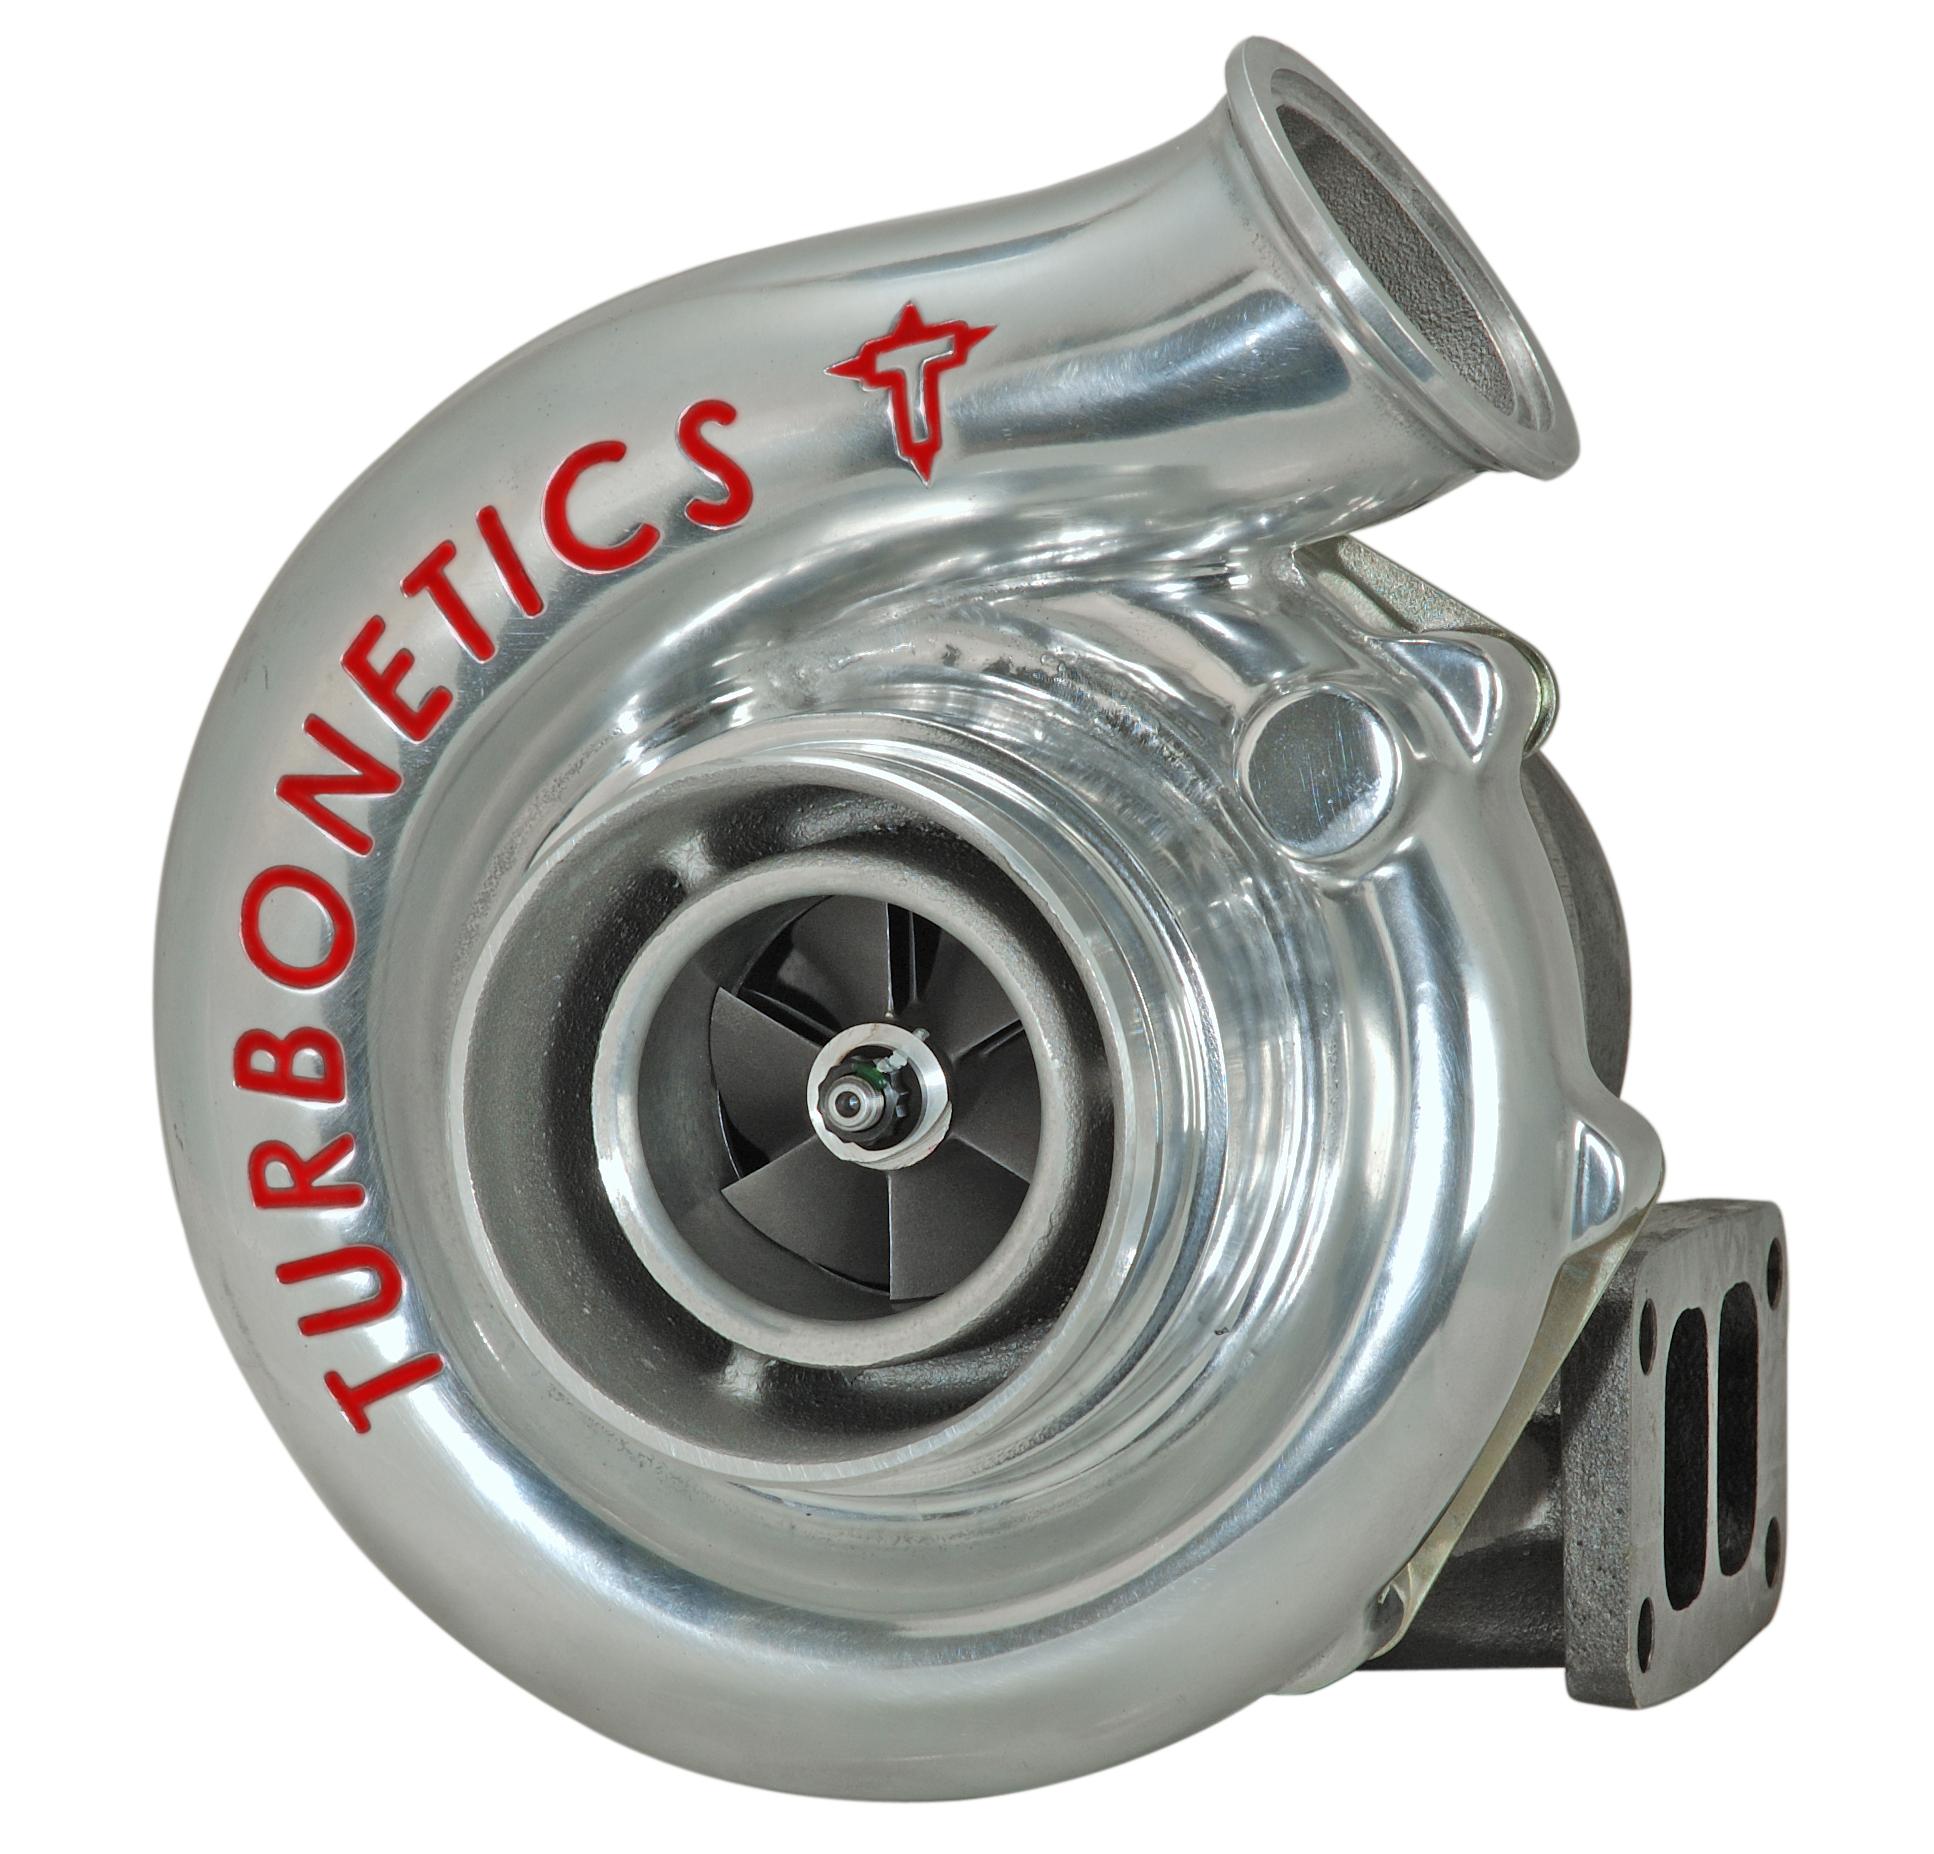 Turbonetics Turbo Chargers : Turbonetics releases torque master bolt on turbo upgrades